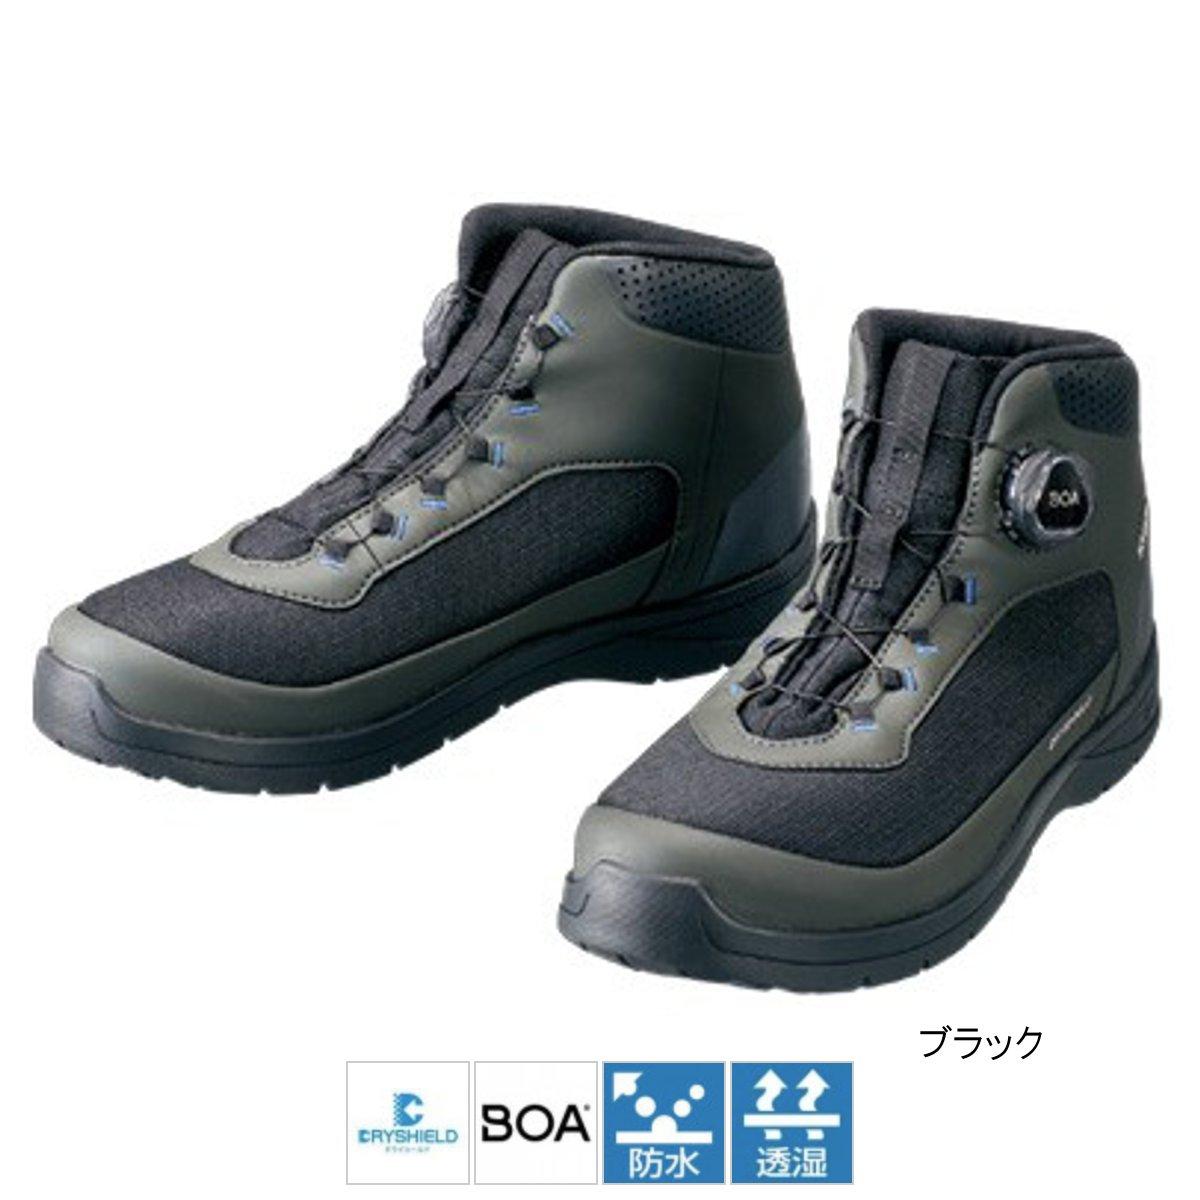 シマノ ドライシールド・デッキラジアルフィットシューズ HW FS-082R 28.0cm ブラック